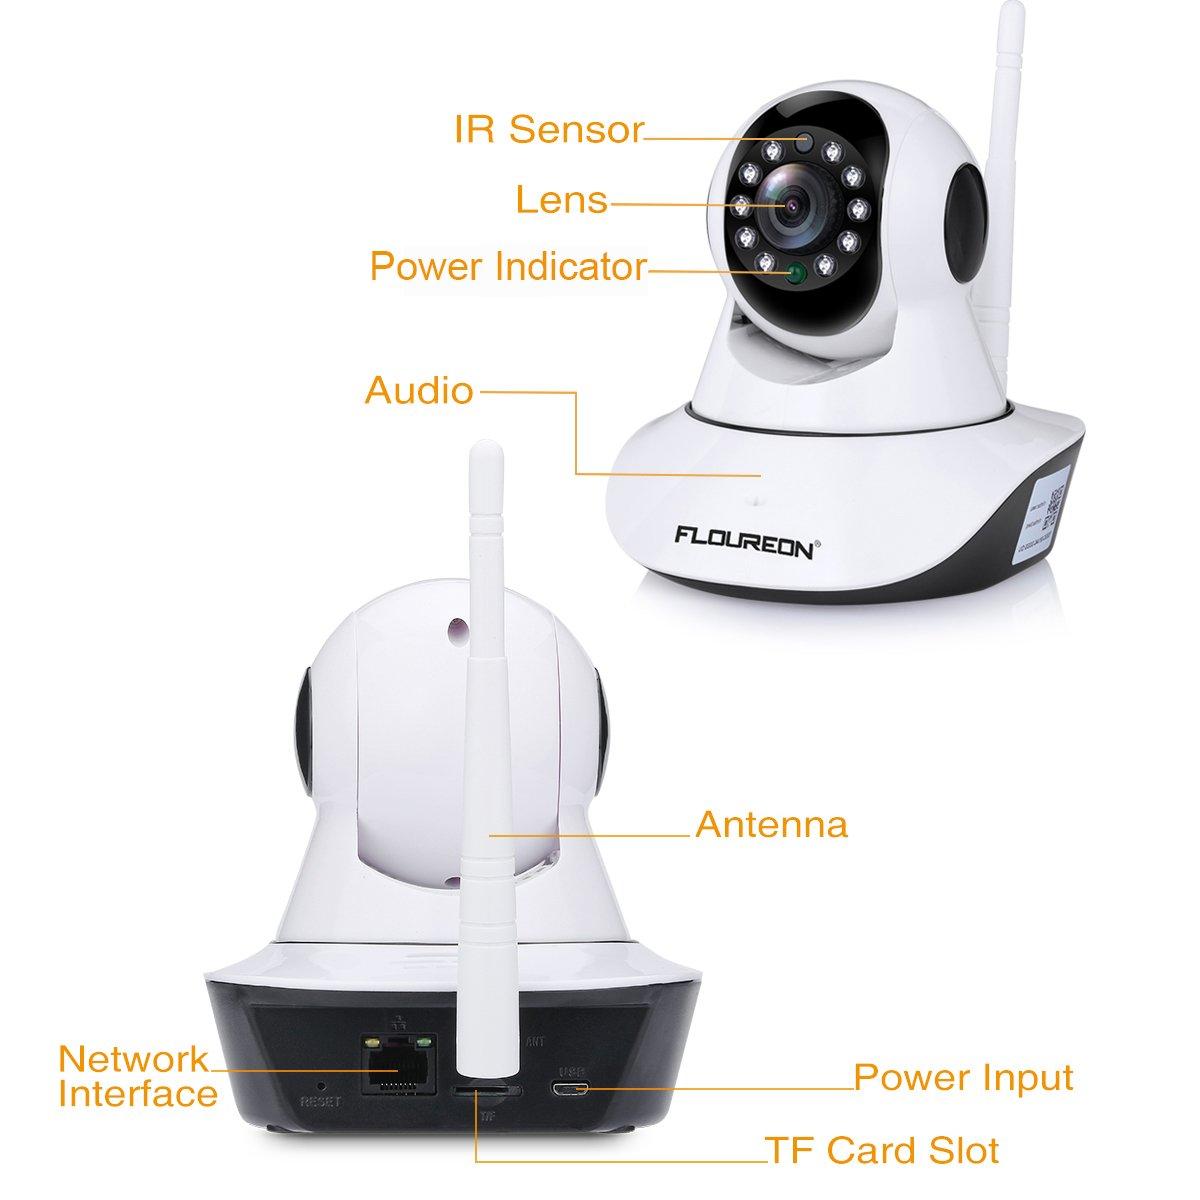 FLOUREON Cámara IP de Vigilancia inalámbrica con Infrarrojos (720P, WiFi 820.11b/g, H.264, P2P, Detección de Movimiento, Visión Nocturna), Color Blanco, N5810HH